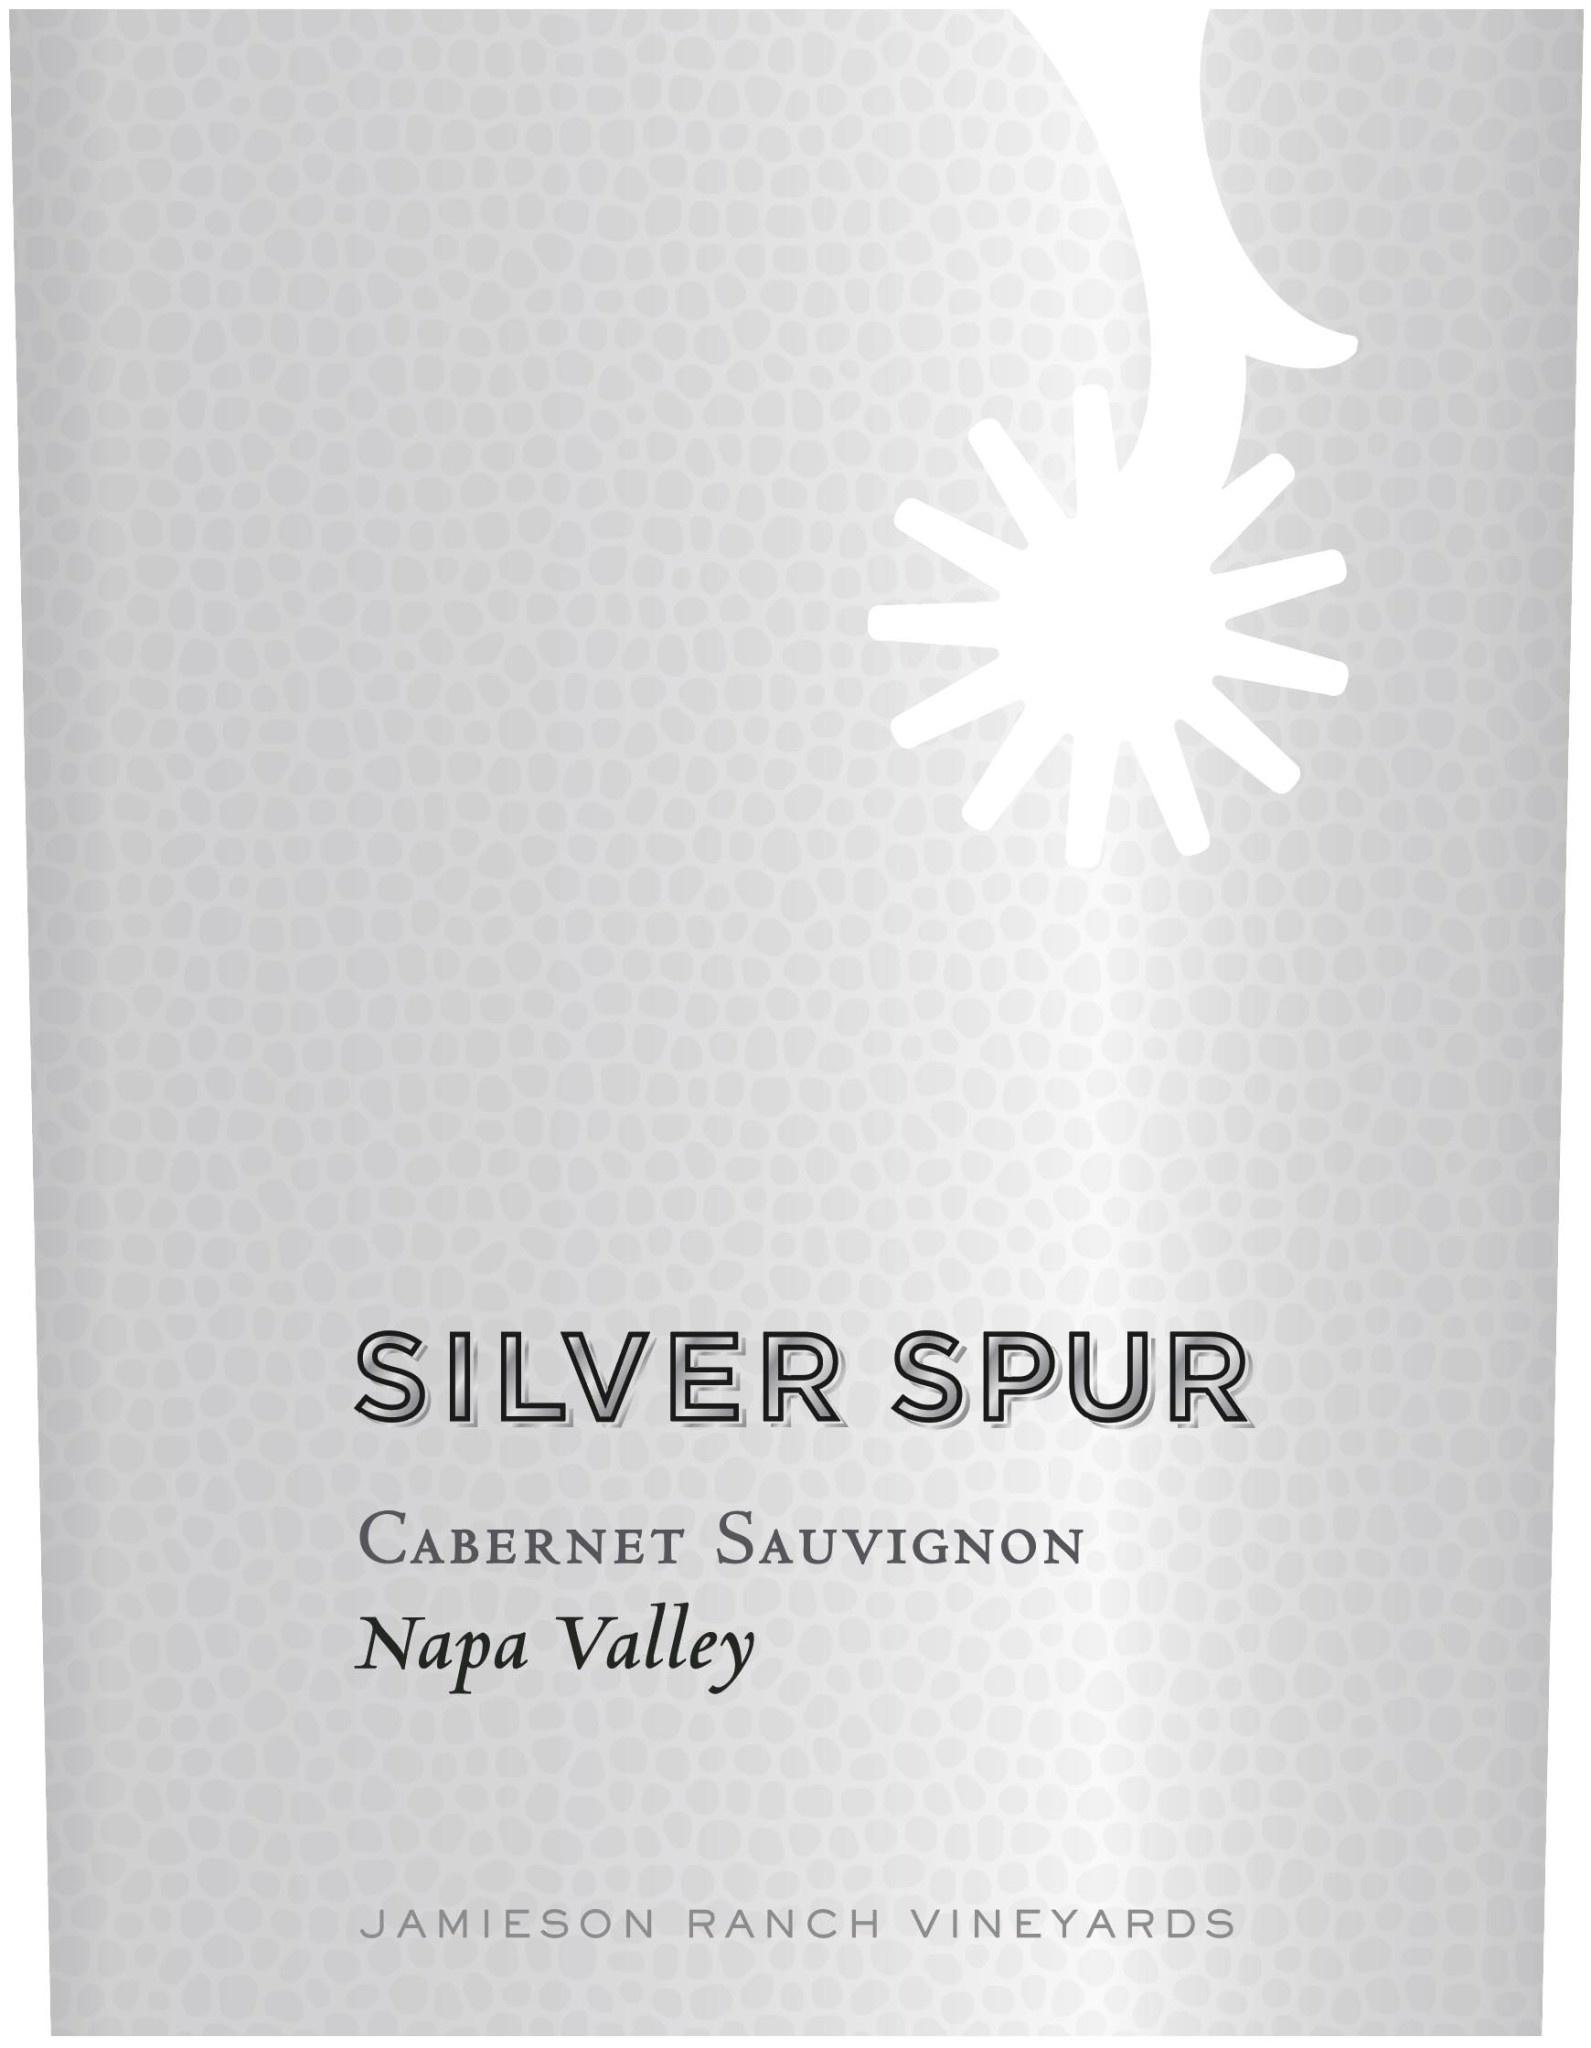 Silver Spur Cabernet Sauvignon